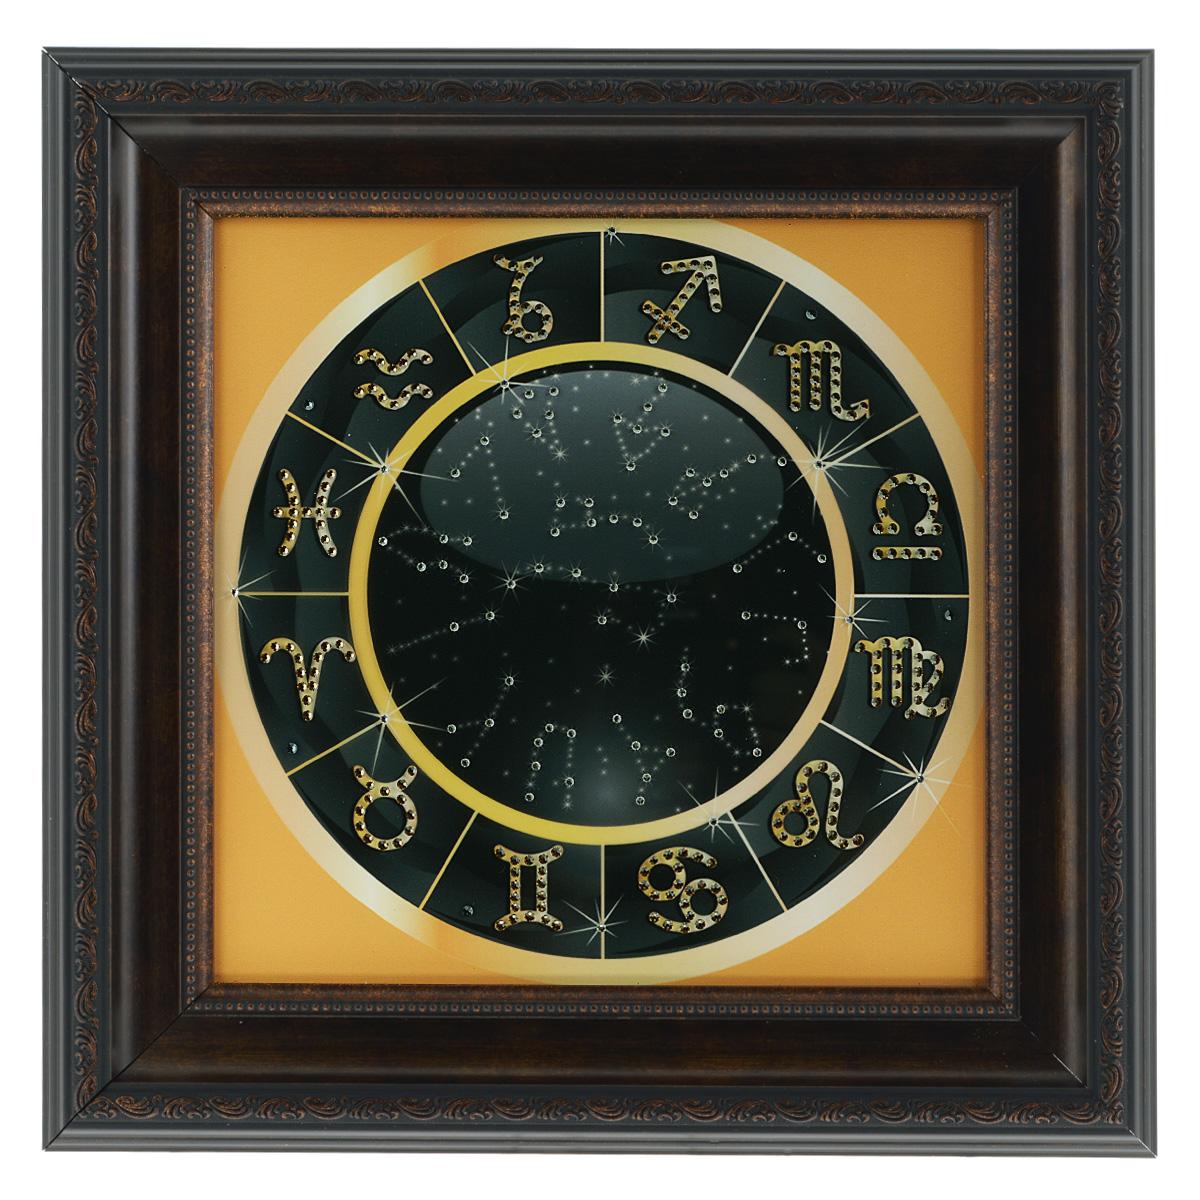 Картина с кристаллами Swarovski Знаки зодиака, 41 х 41 см1438Изящная картина в багетной раме, инкрустирована кристаллами Swarovski, которые отличаются четкой и ровной огранкой, ярким блеском и чистотой цвета. Красочное изображение знаков зодиака, расположенное под стеклом, прекрасно дополняет блеск кристаллов. С обратной стороны имеется металлическая проволока для размещения картины на стене. Картина с кристаллами Swarovski Знаки зодиака элегантно украсит интерьер дома или офиса, а также станет прекрасным подарком, который обязательно понравится получателю. Блеск кристаллов в интерьере, что может быть сказочнее и удивительнее. Картина упакована в подарочную картонную коробку синего цвета и комплектуется сертификатом соответствия Swarovski.